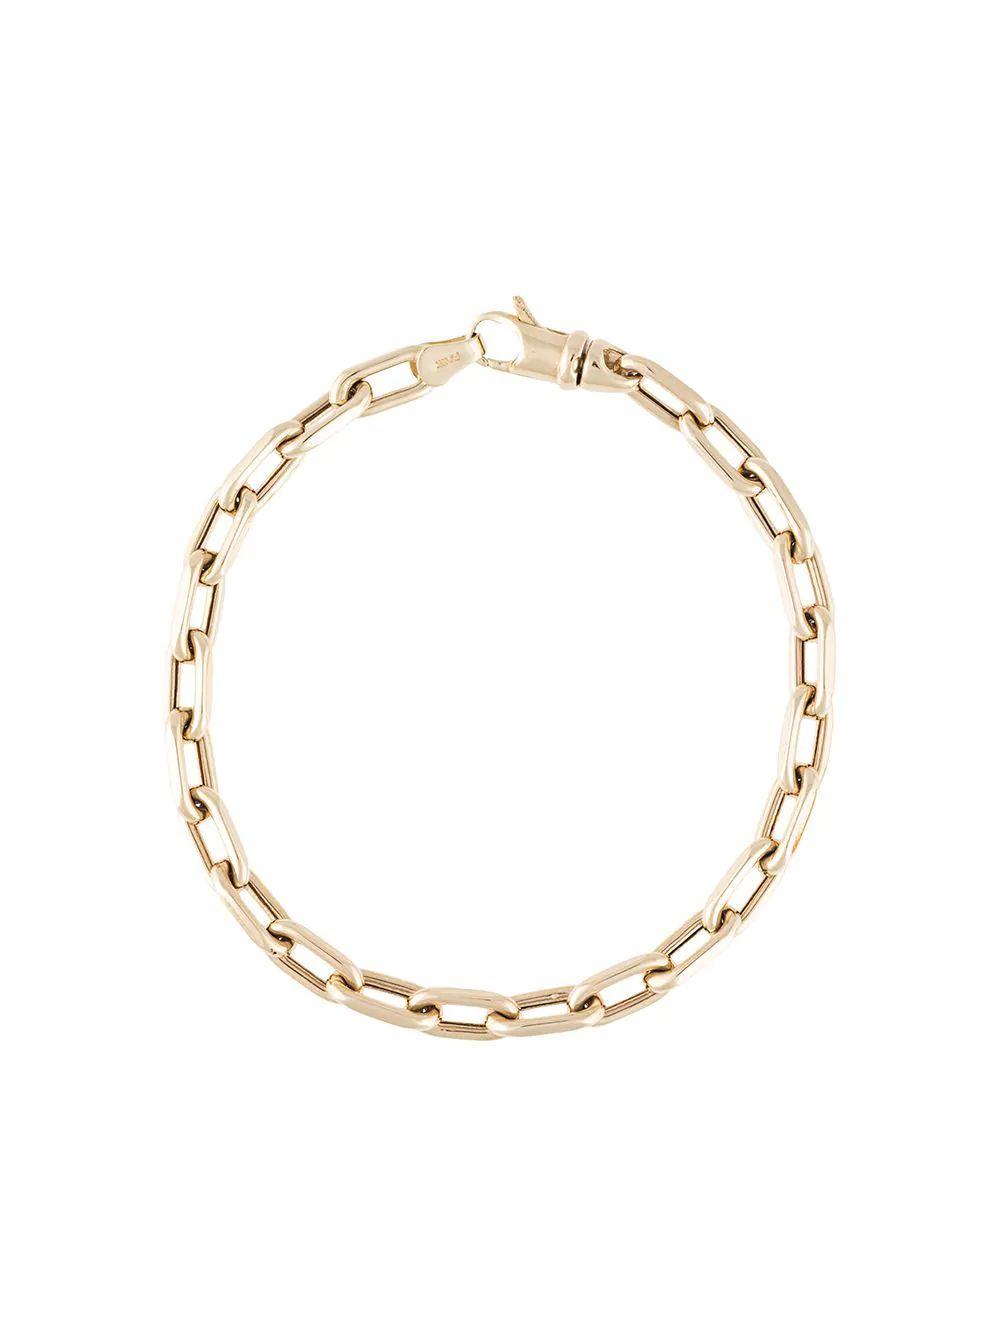 Leah Chain Link Bracelet Item # B455